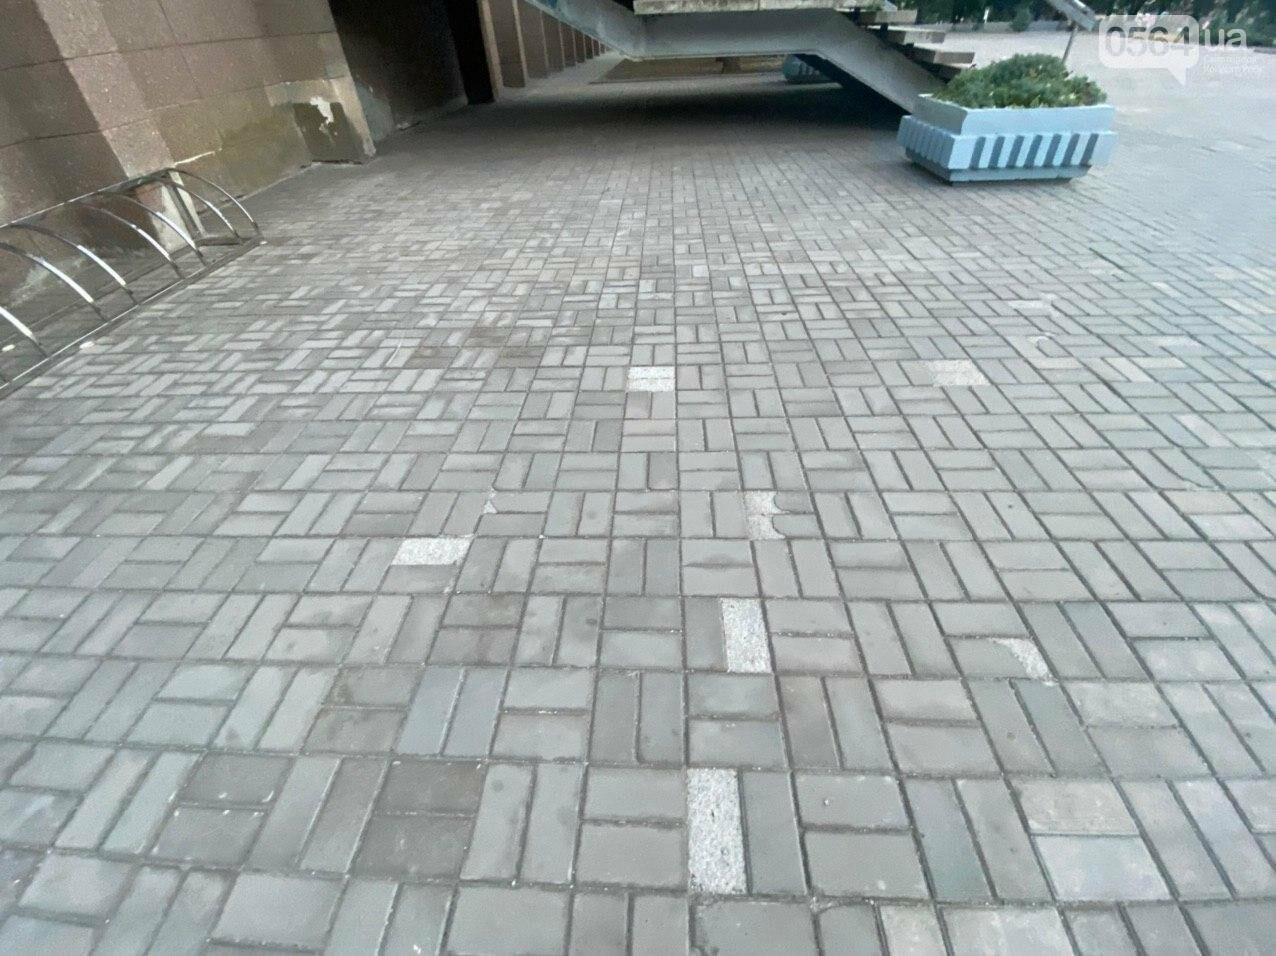 Второй раз по гарантийному договору будут менять плитку под райисполкомом в Кривом Роге, - ФОТО , фото-3